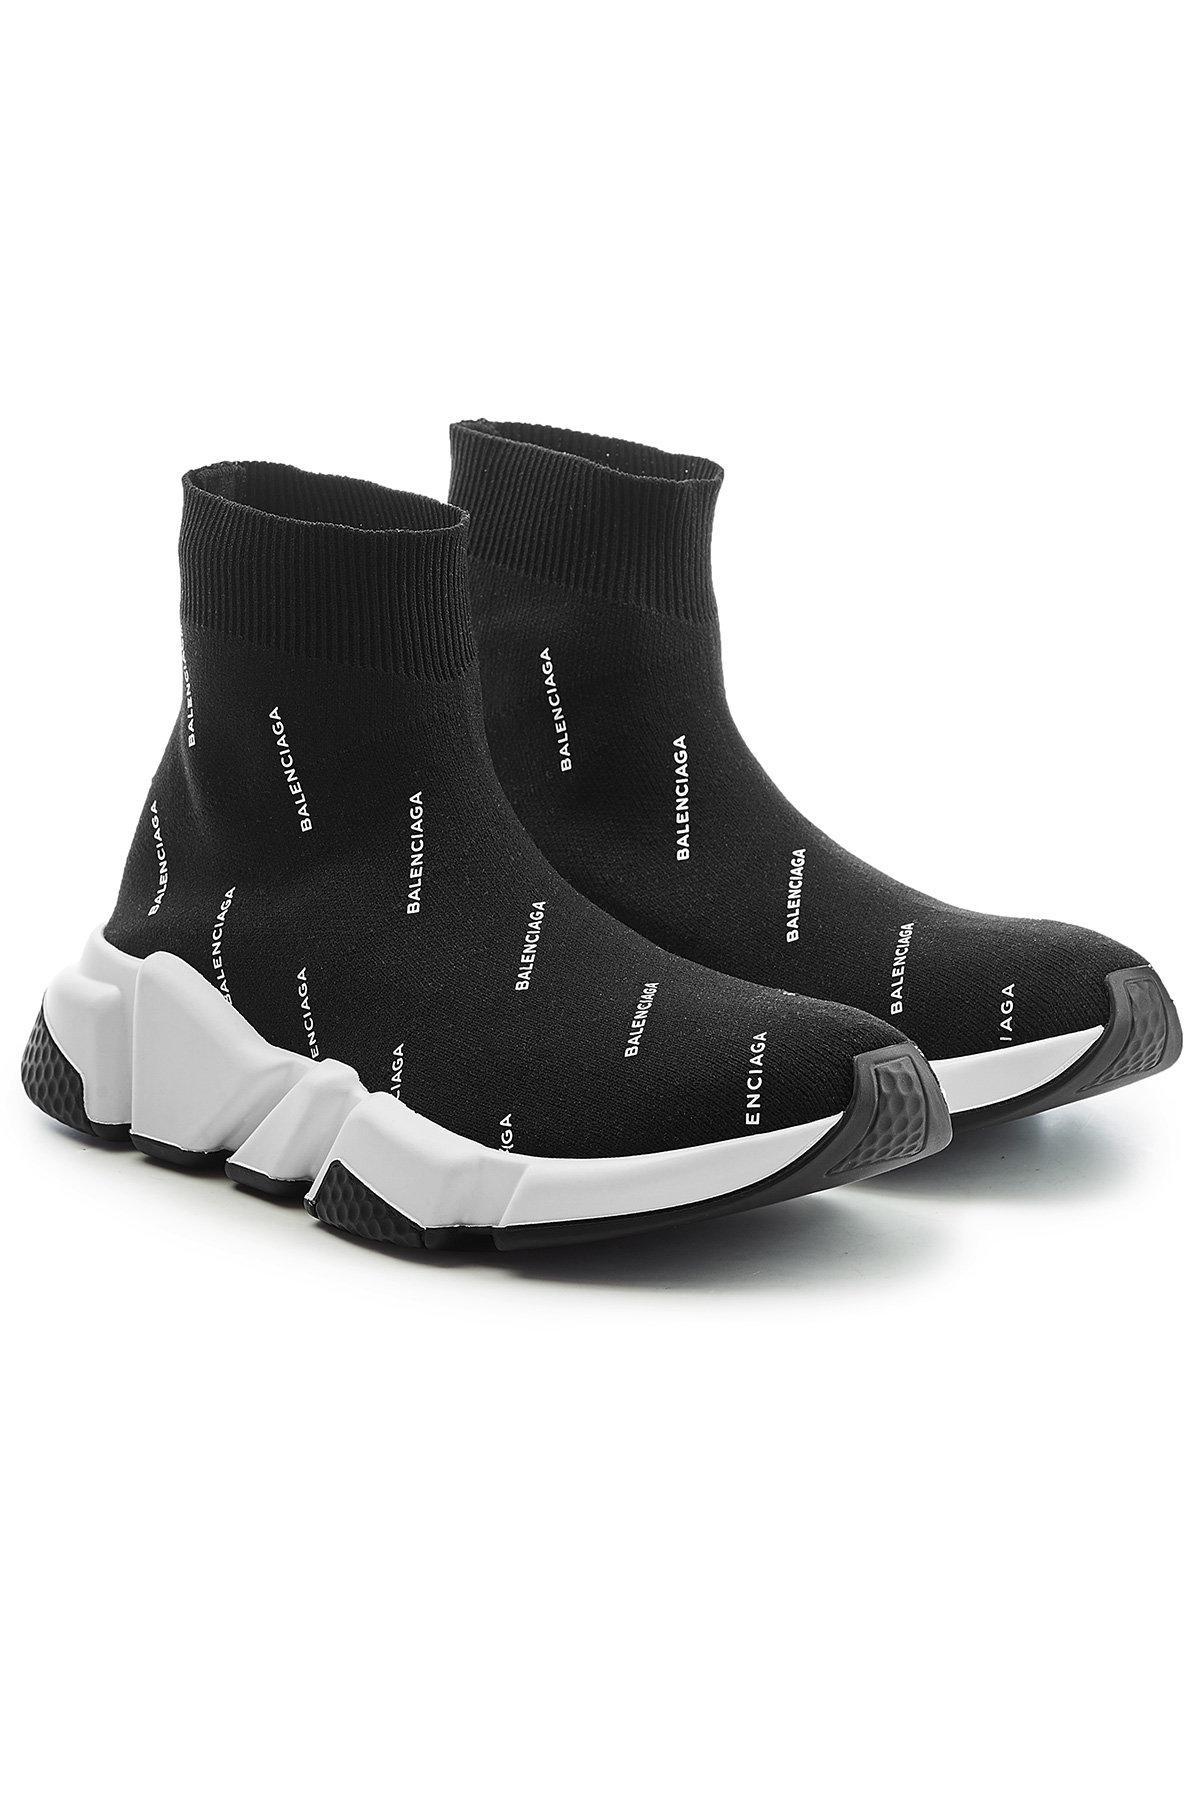 Balenciaga Sneaker Slip-On Speed Trainer Baumwollmischung Logo Print schwarz wei? jKLIgf